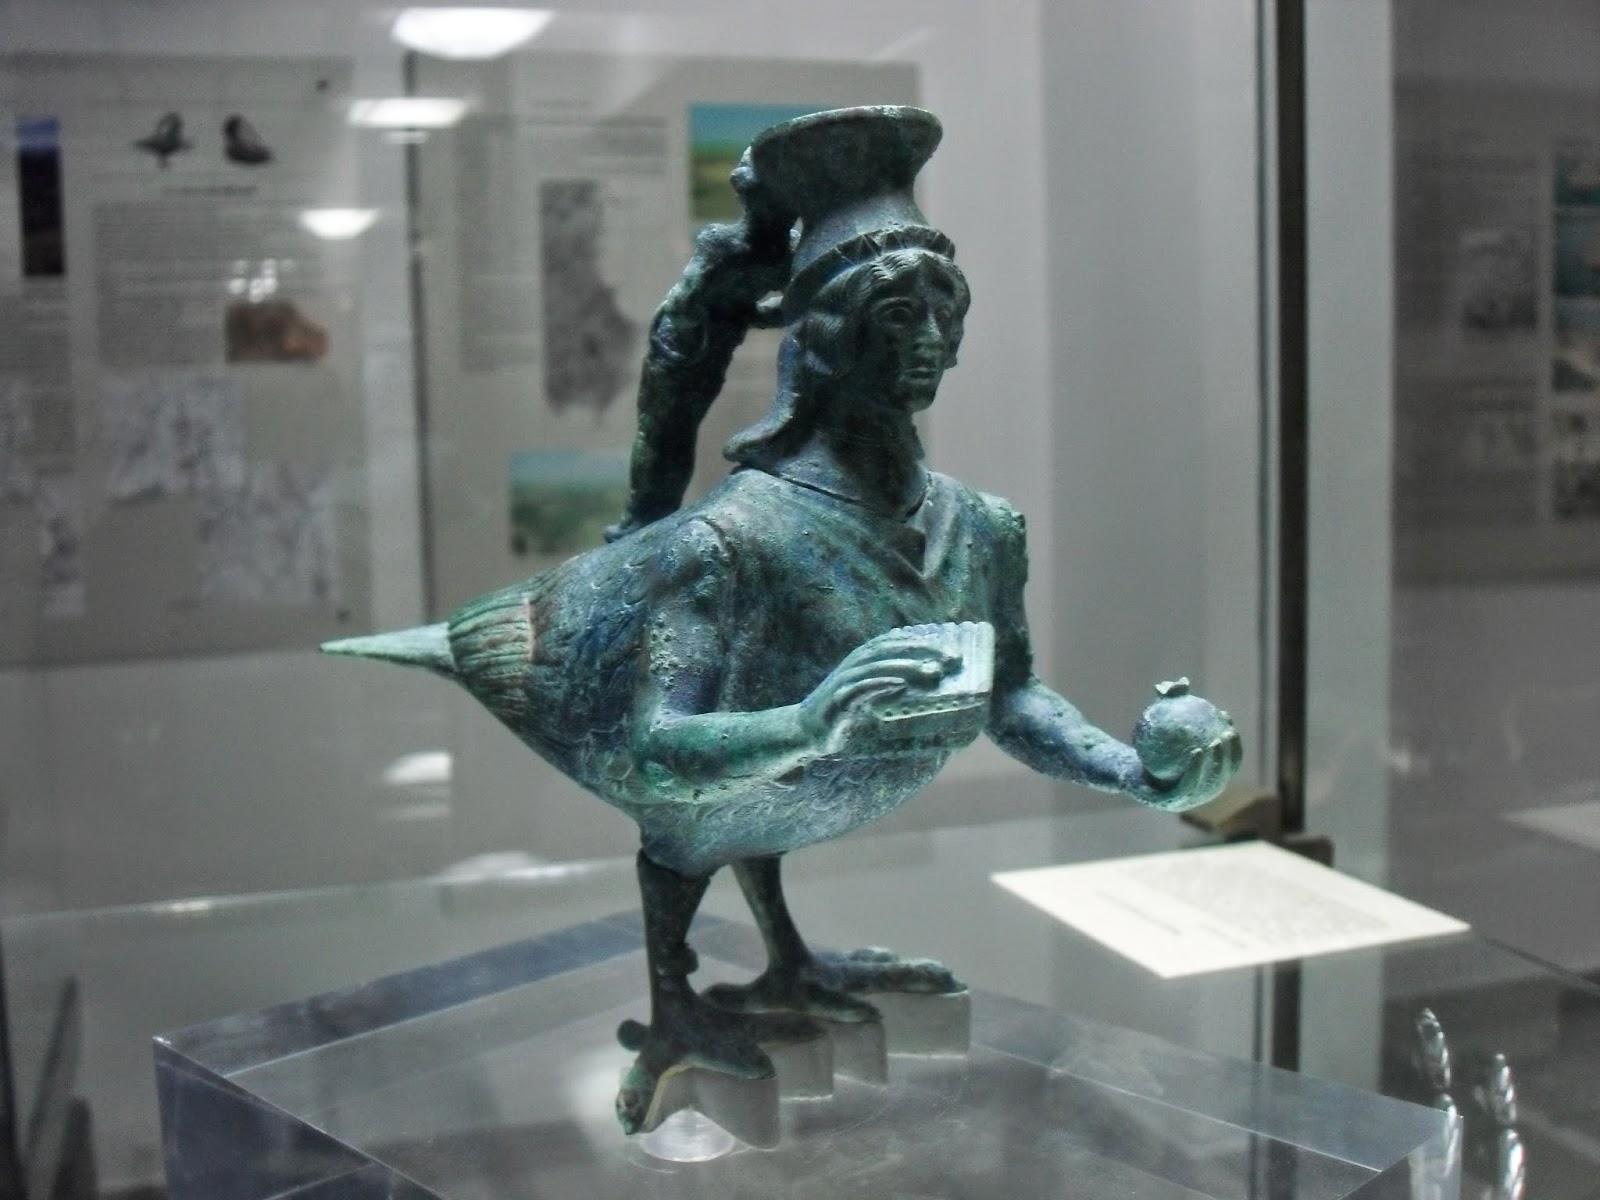 unguentario a forma di sirena con la testa di donna e il corpo di uccello, conservato nel museo archeologico di Crotone